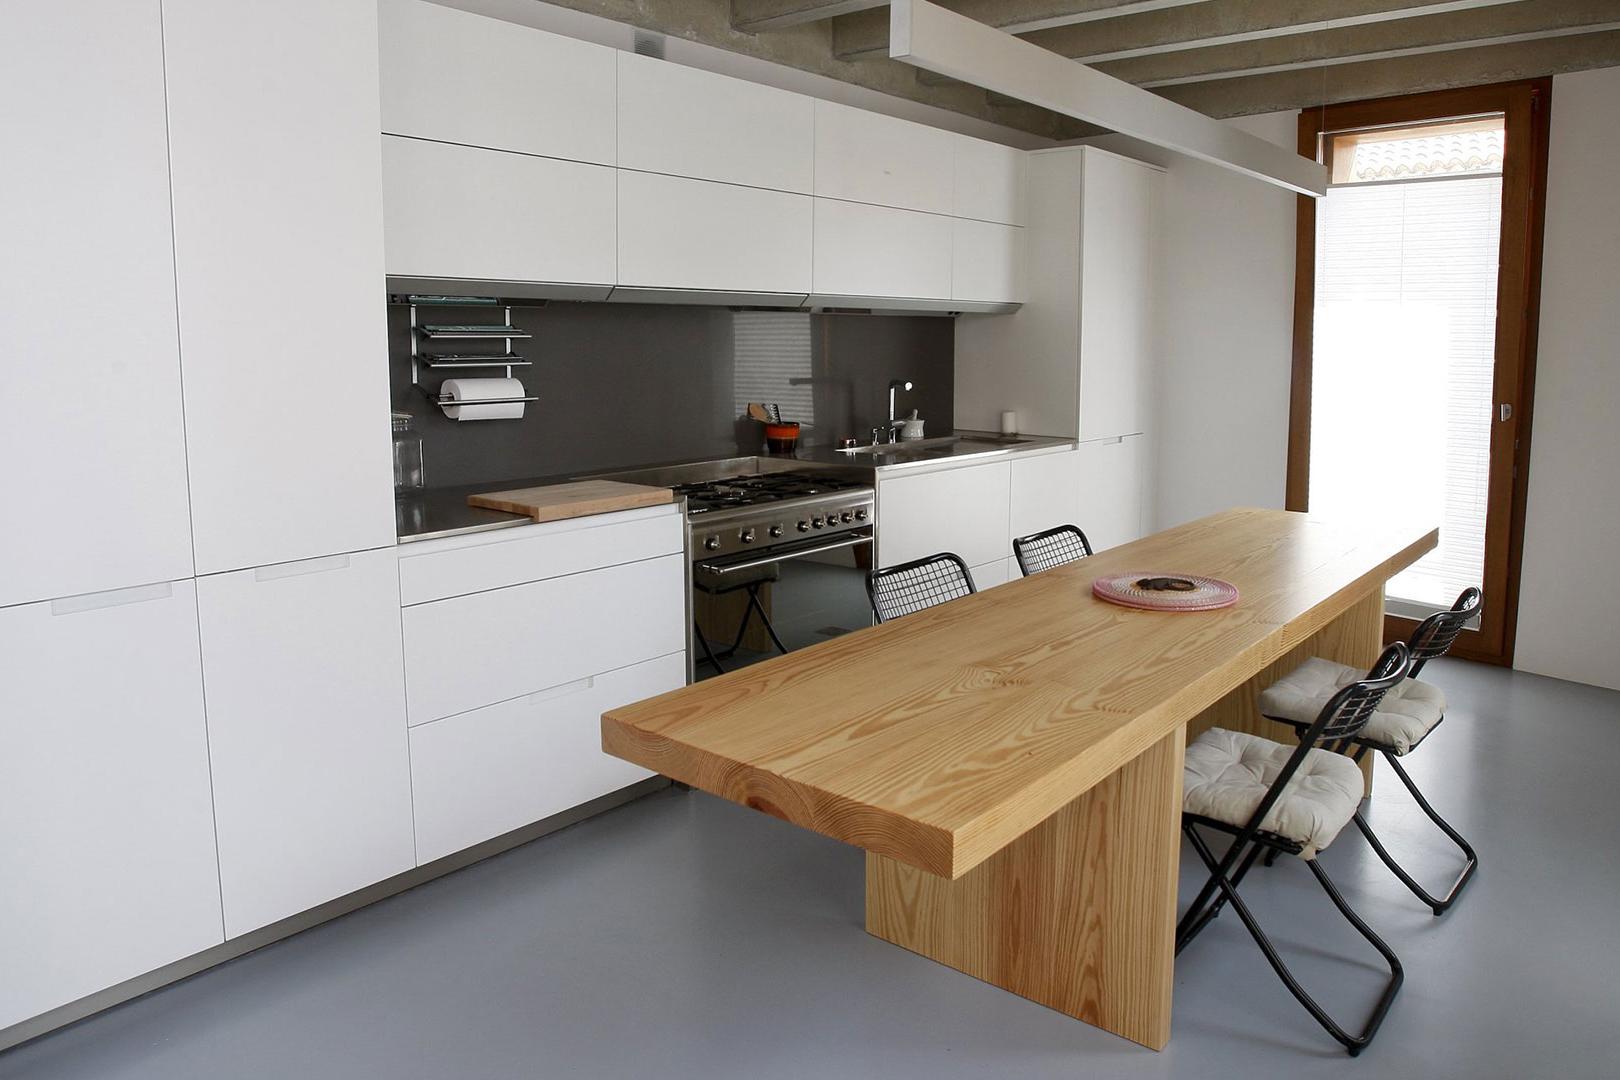 Encimeras de cocina c mo elegir la m s adecuada - Como limpiar paredes blancas ...